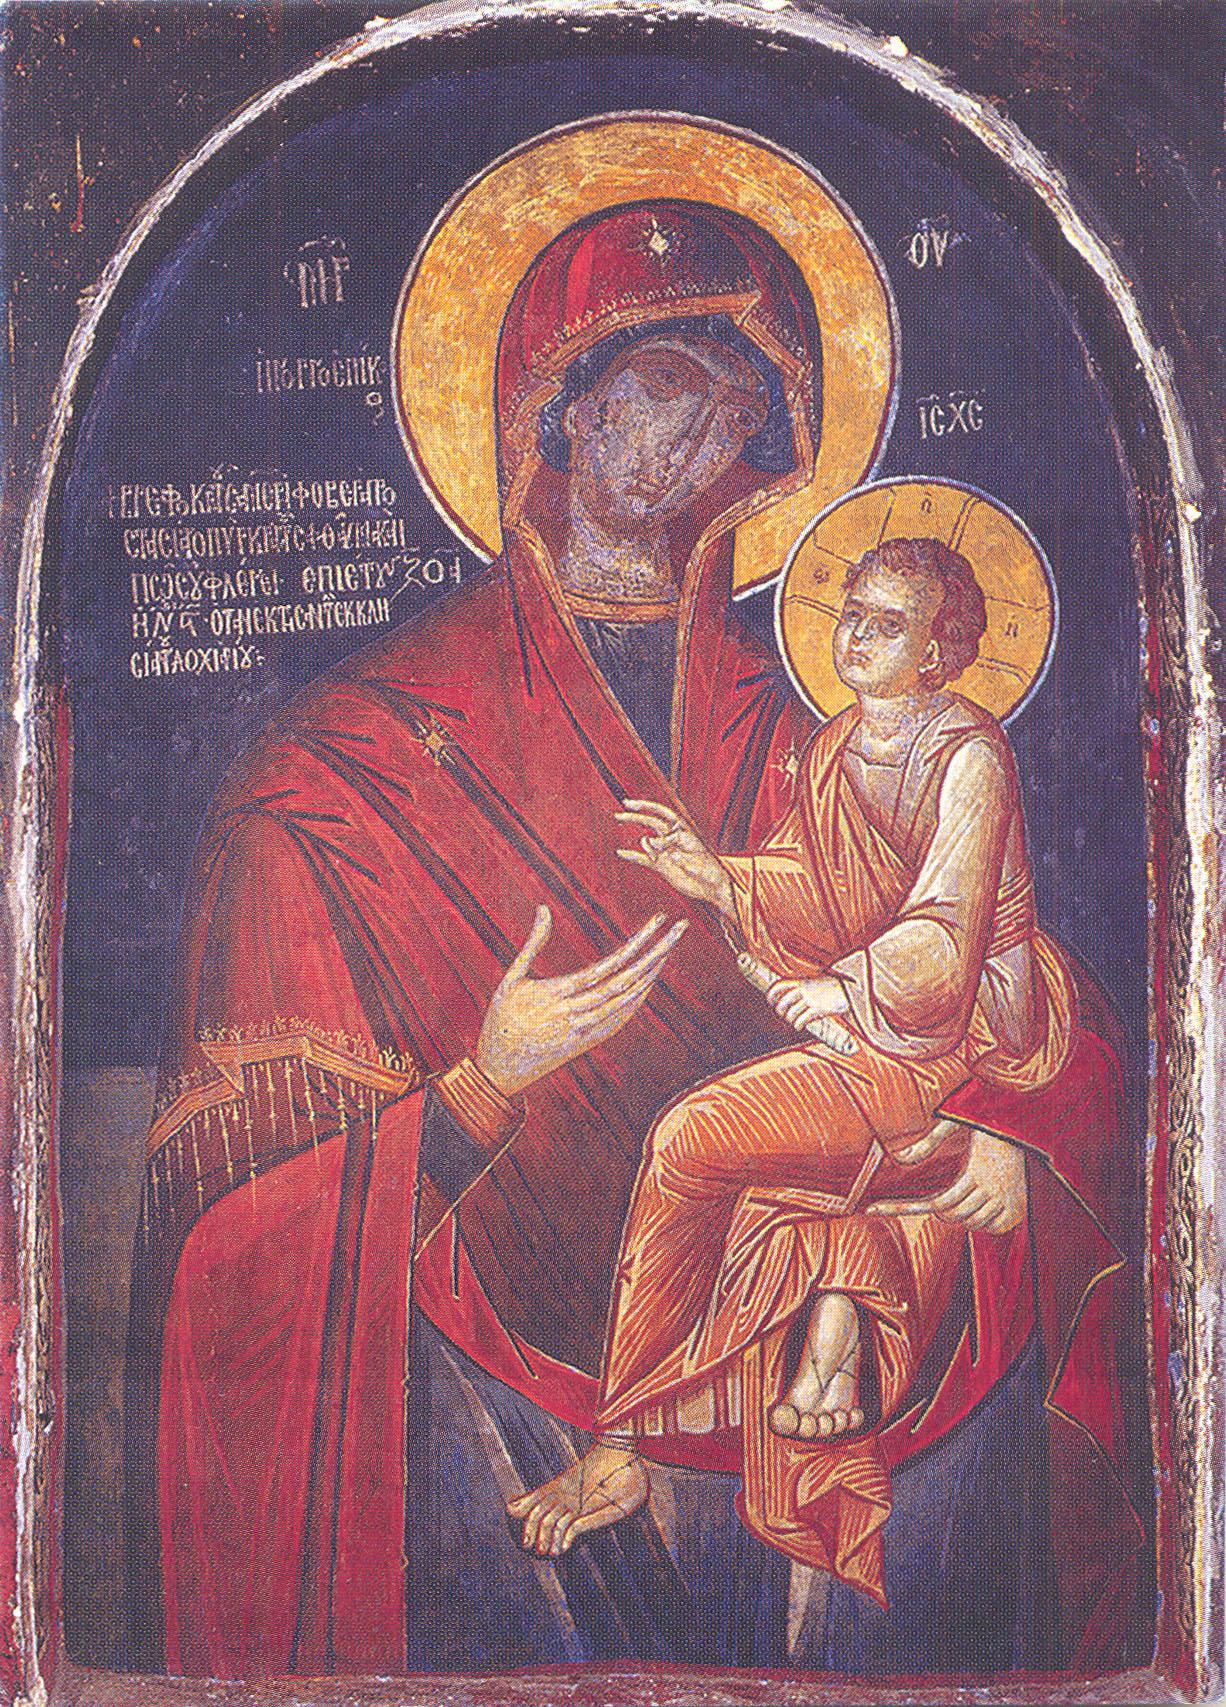 Η θαυματουργική εικόνα της Παναγίας Γοργοϋπηκόου στην Ιερά Μονή Δοχειαρίου του Αγίου Όρους.